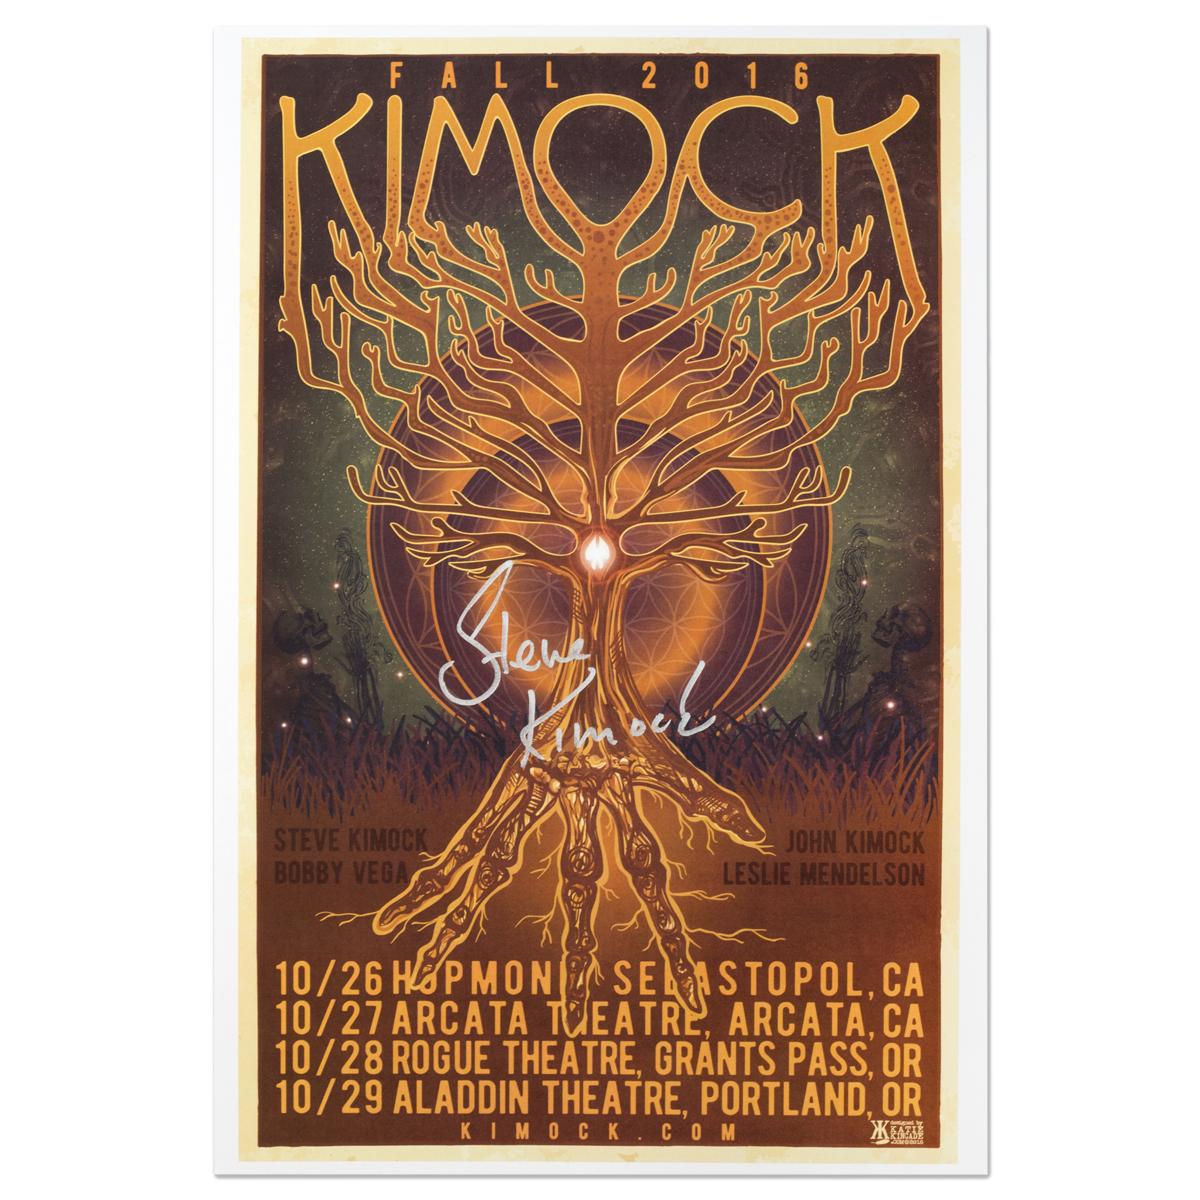 Steve Kimock Fall 2016 Tour Poster